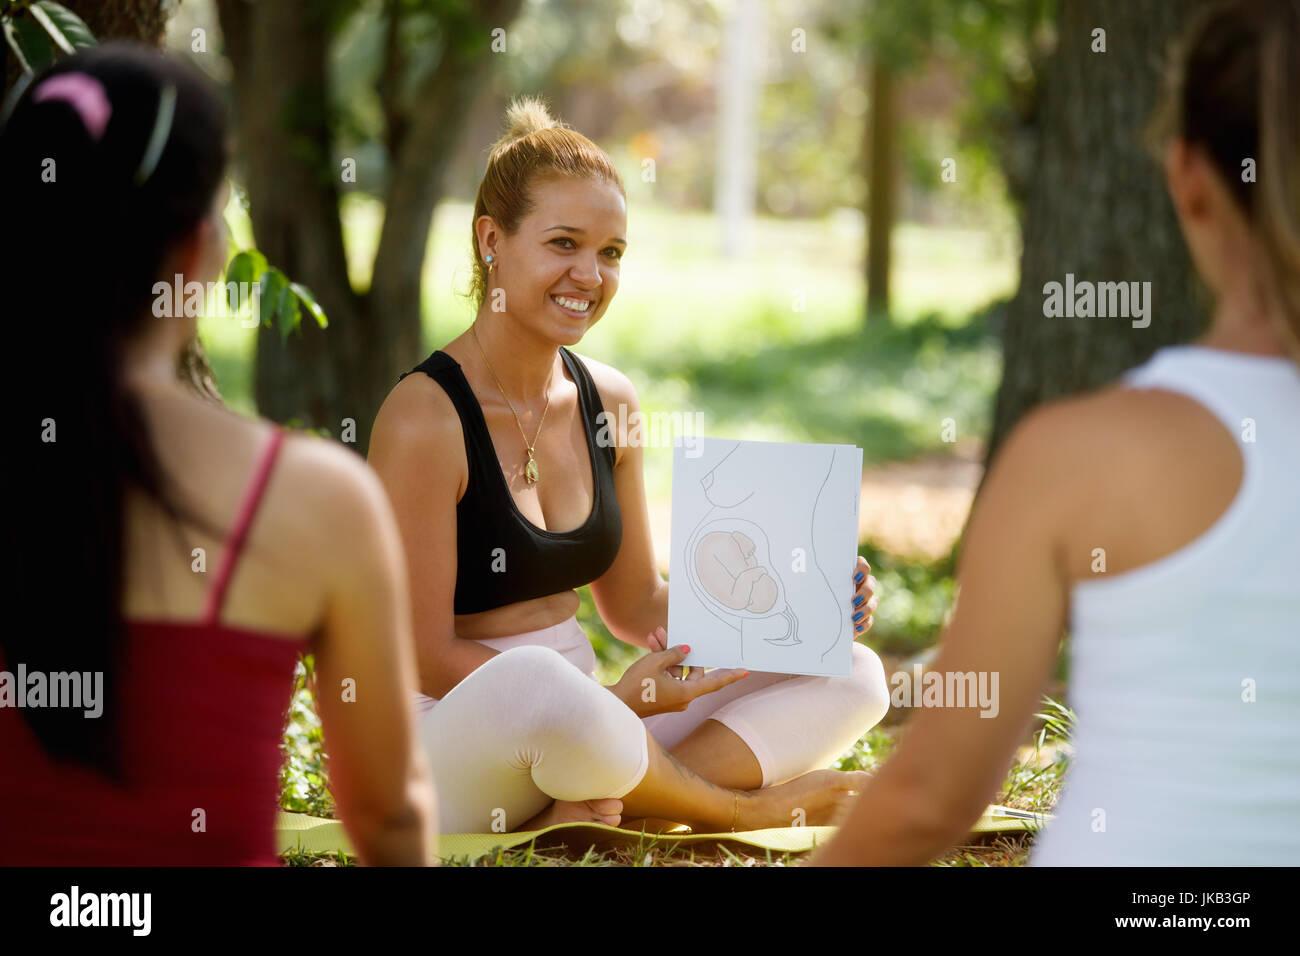 Mujeres embarazadas que tomaban lección prenatal en el parque. Profesor explicando el crecimiento del bebé dentro Foto de stock